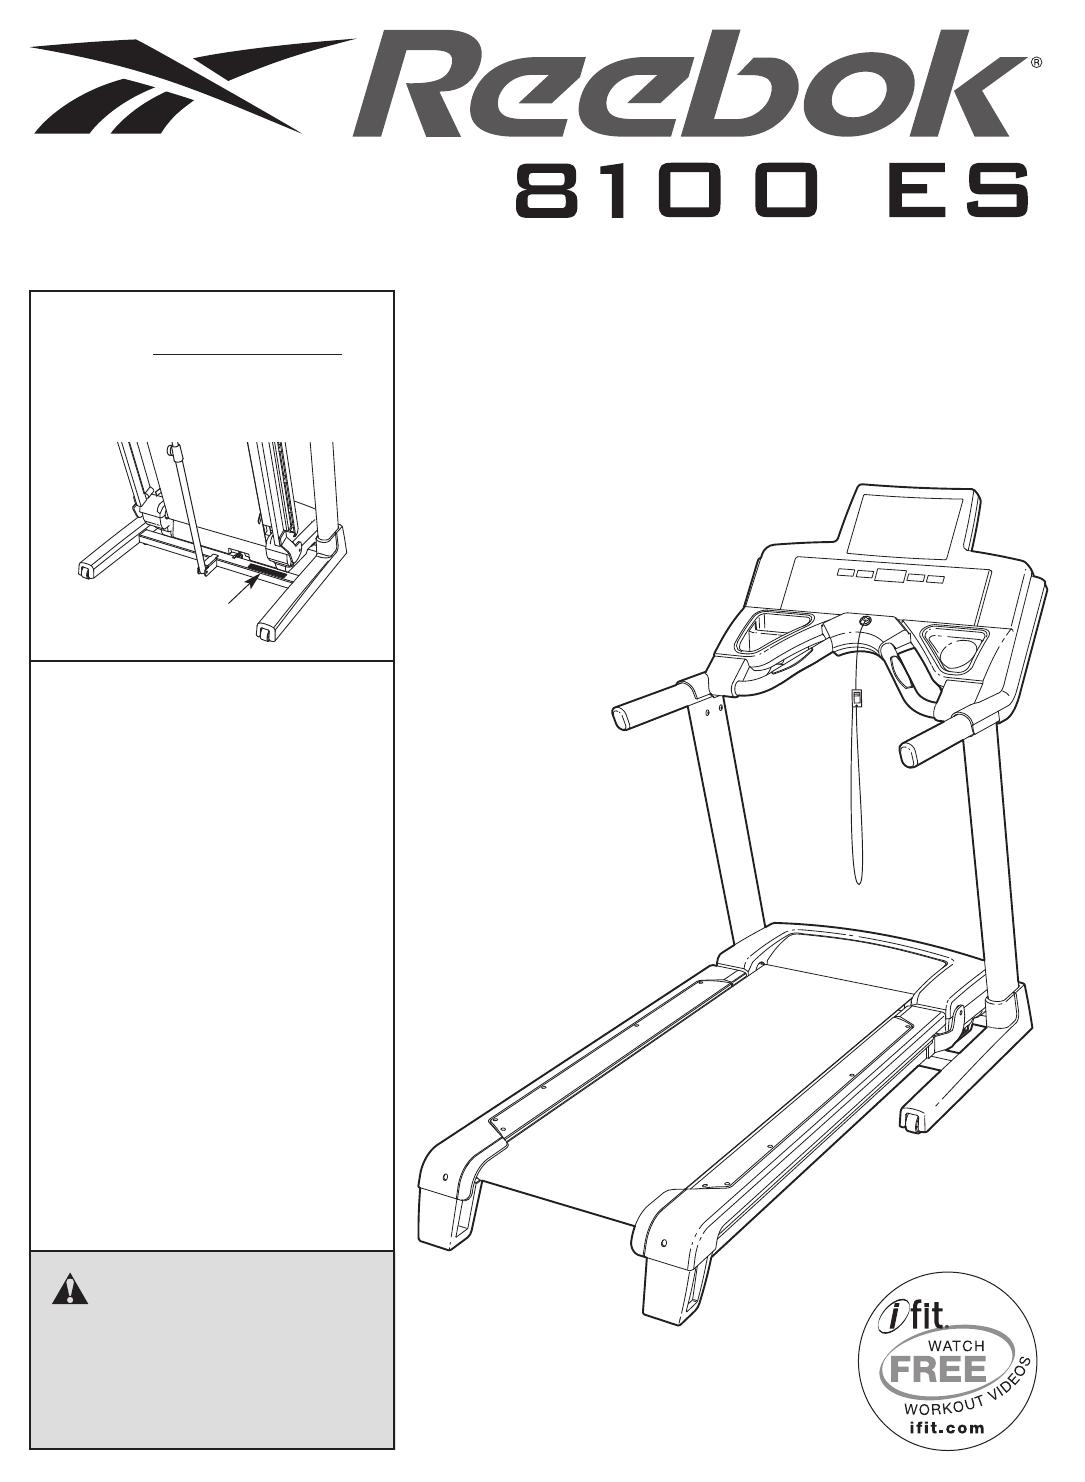 Reebok Fitness Treadmill RBTL79607.1 User Guide